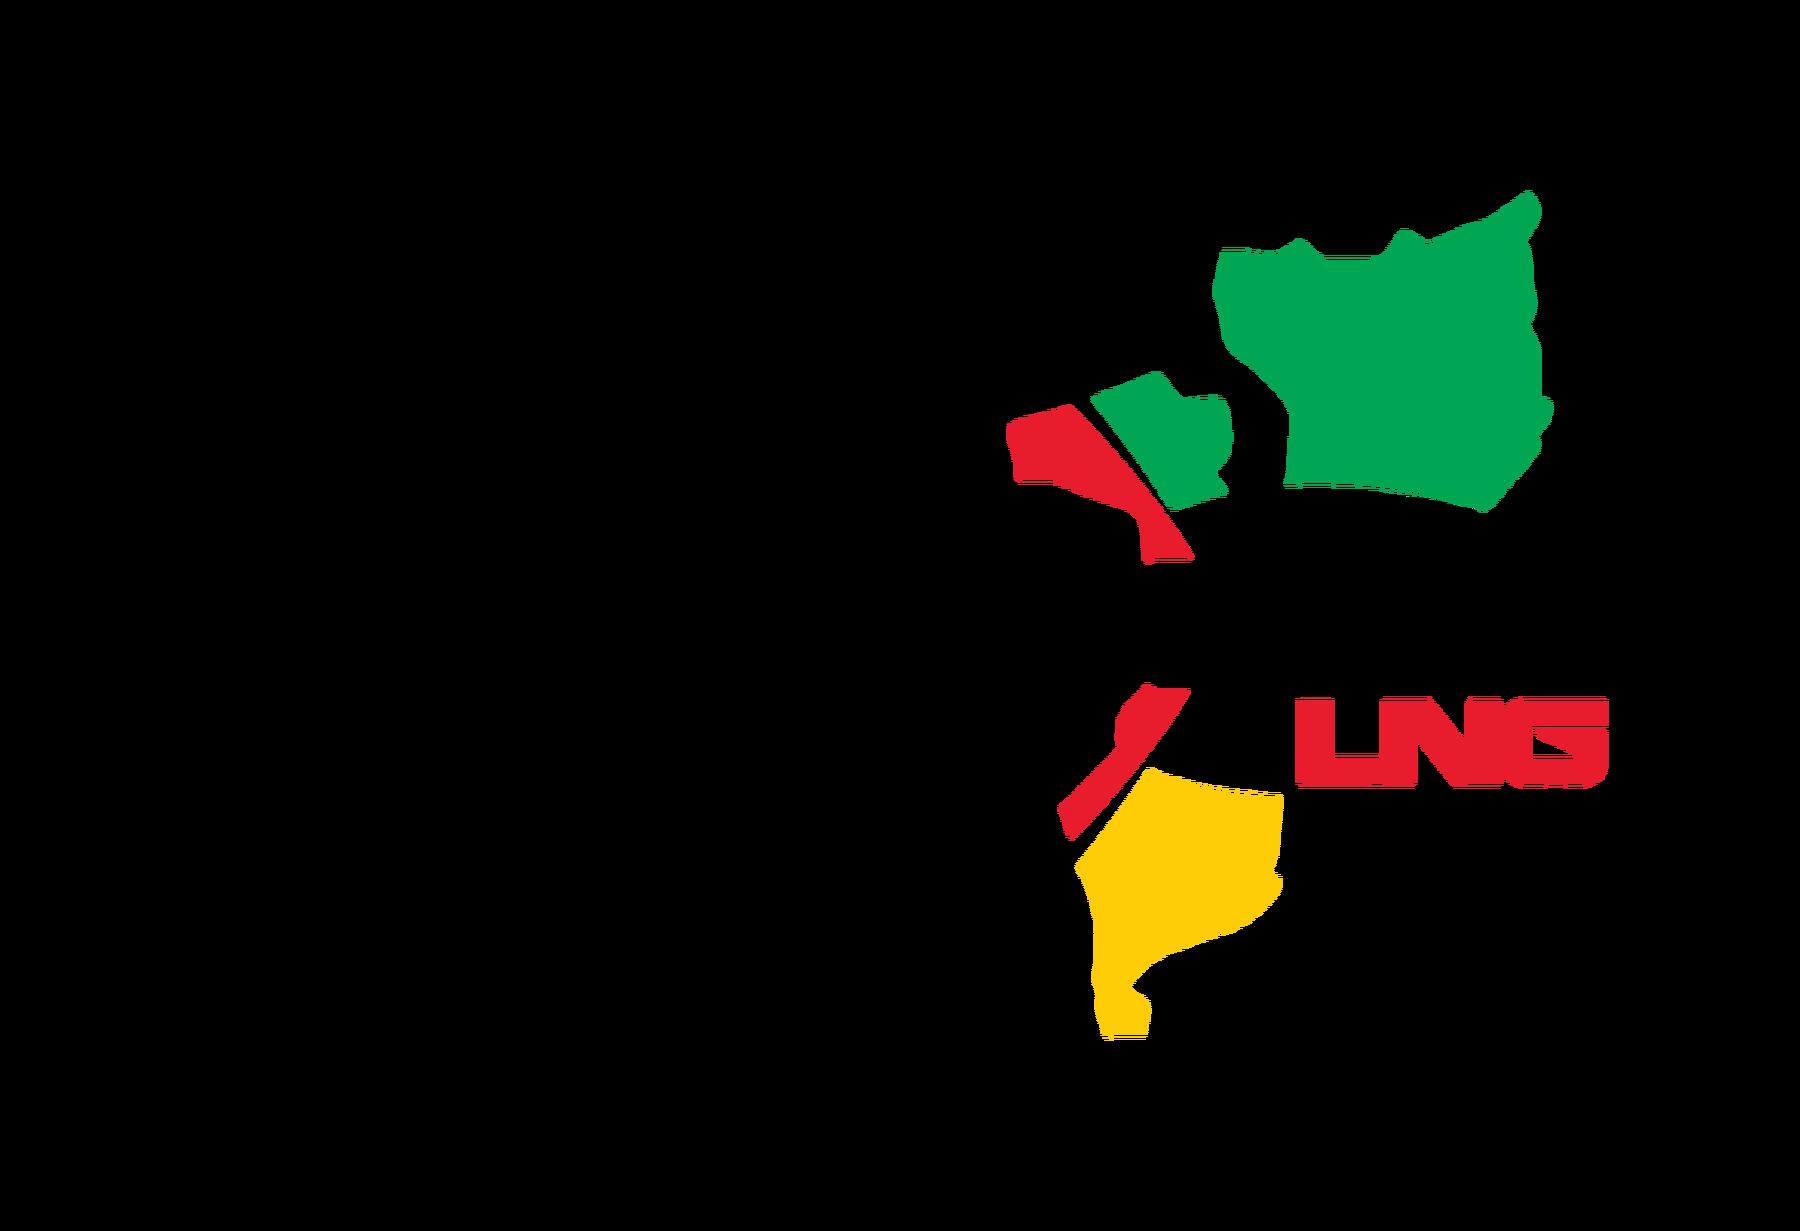 MOZ LNG logo